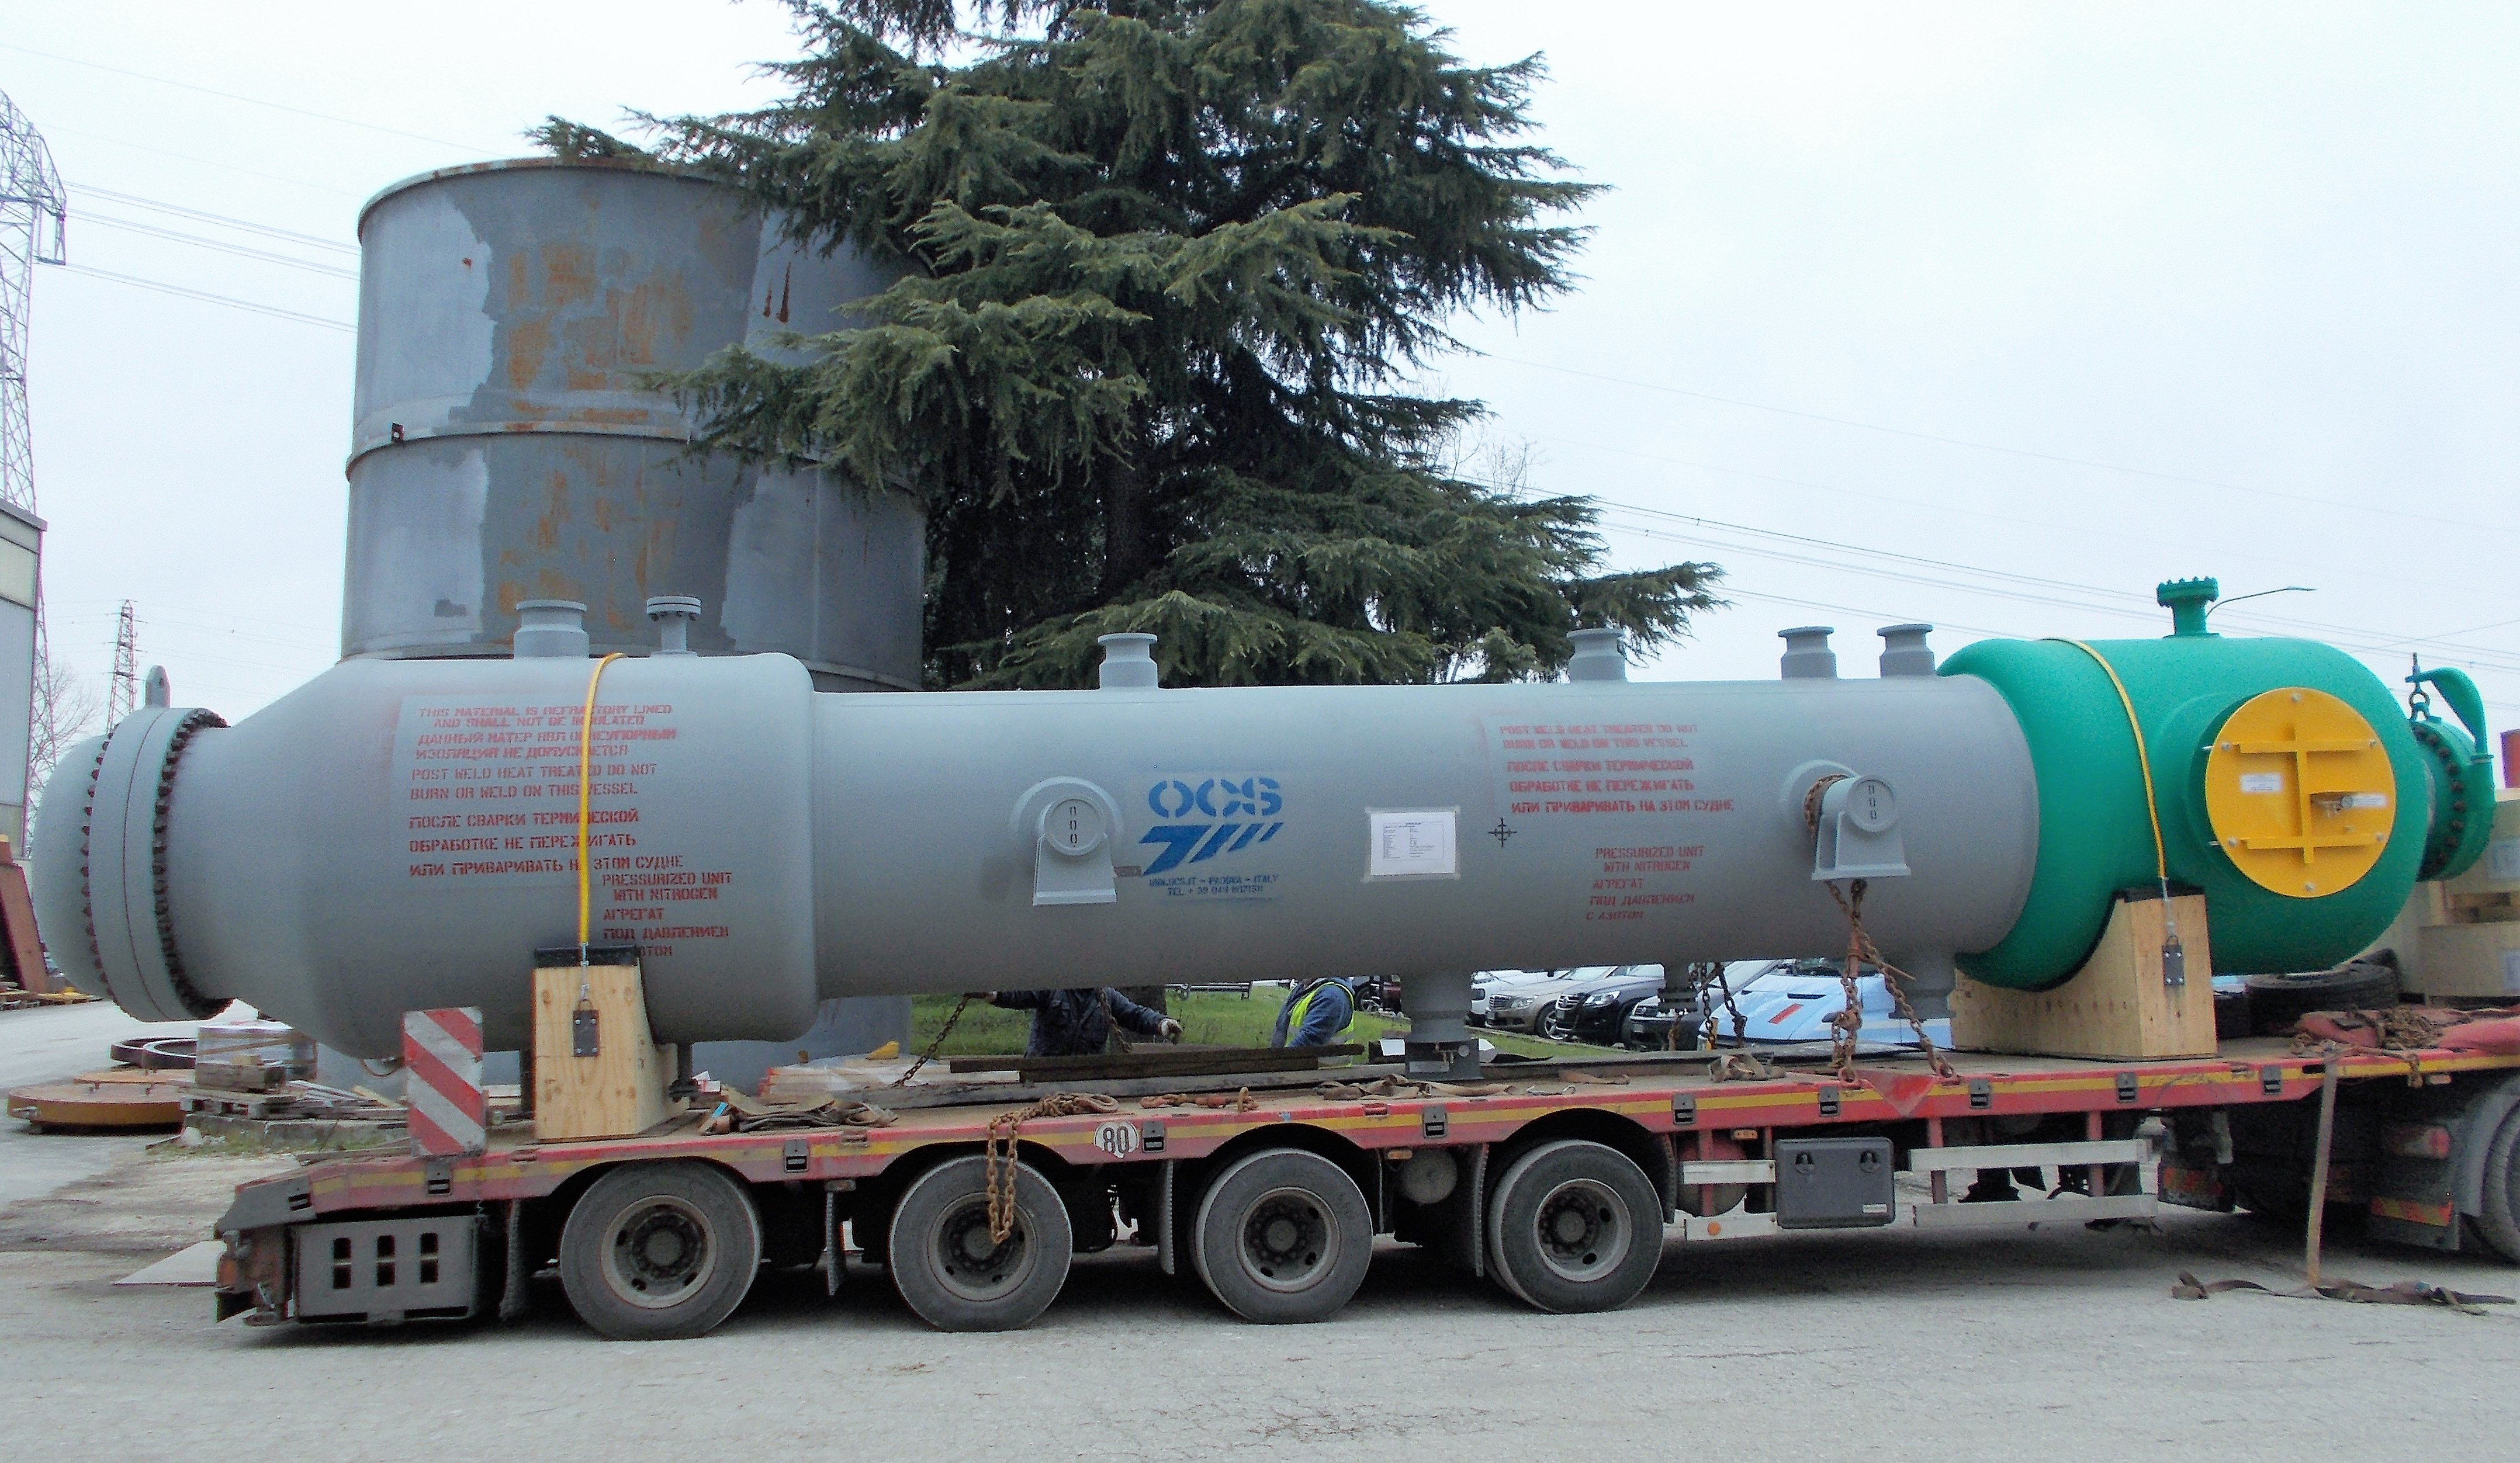 PROCESS GAS EXCHANGER IN SA 387 GR.11 CI.2 / SA 516 GR.70 / SA 213 T22 AT ATYRAU OIL REFINERY, KAZAKHSTAN